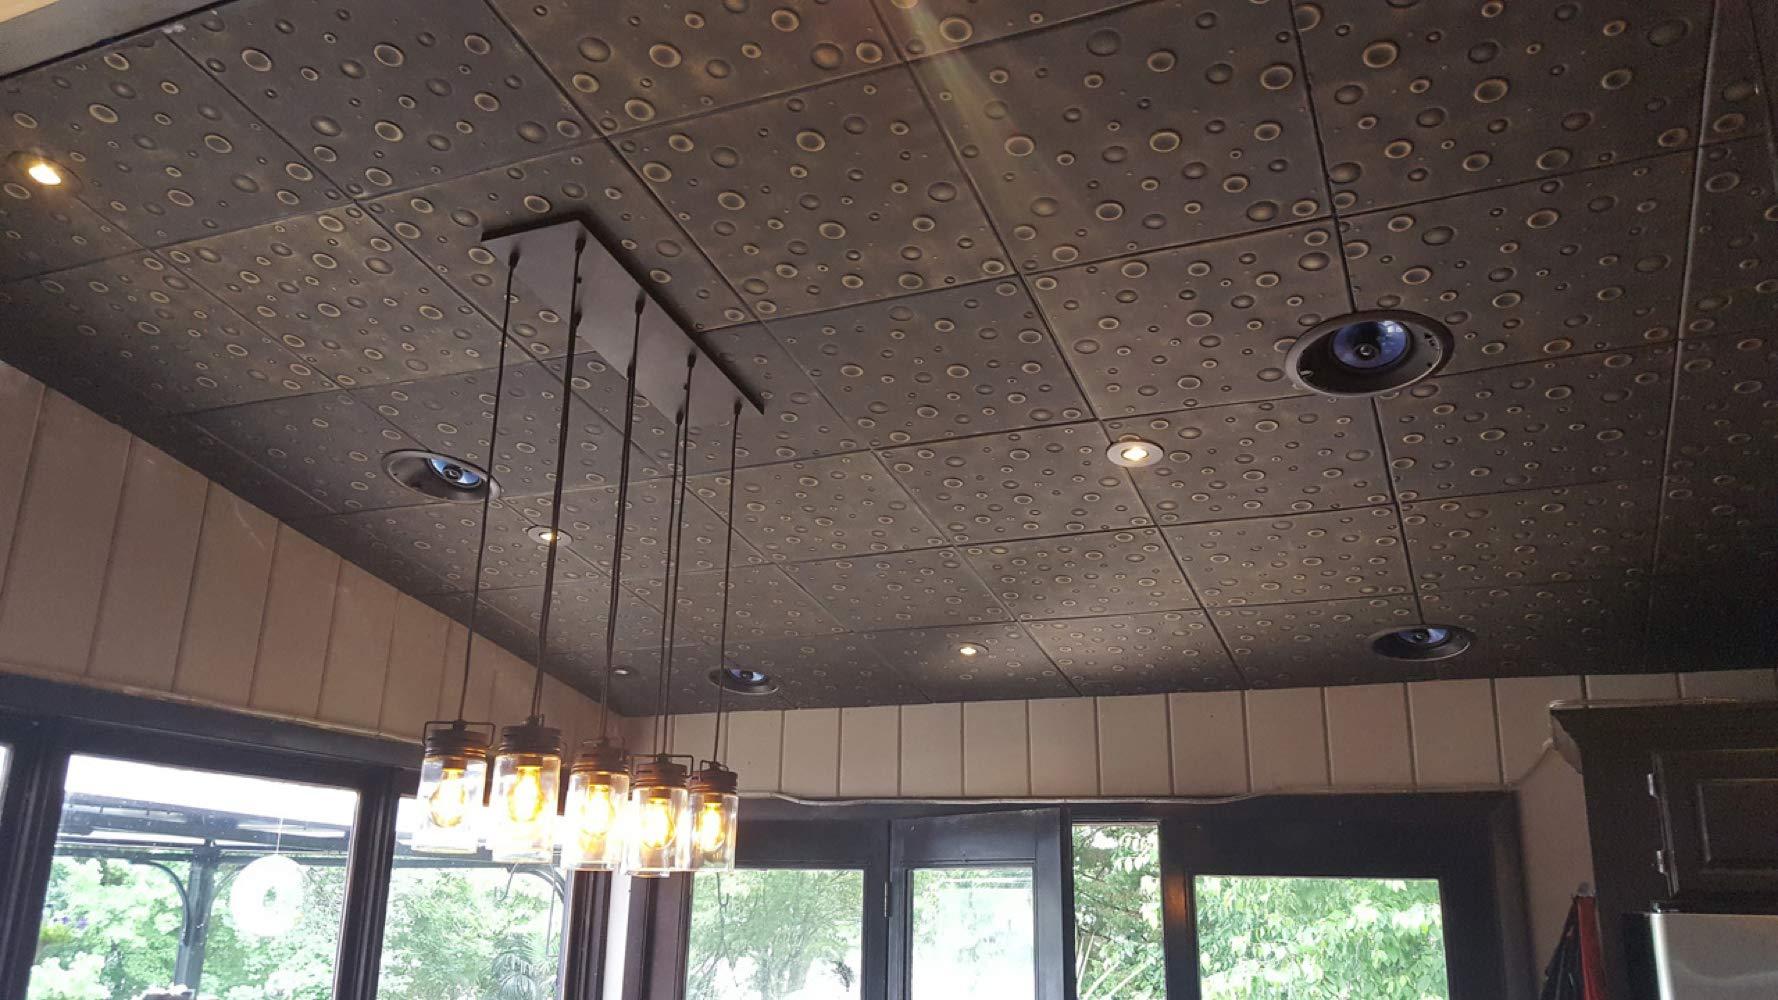 A la Maison Ceilings 1125 Bubbles - Styrofoam Ceiling Tile (Package of 8 Tiles), Plain White by A La Maison Ceilings